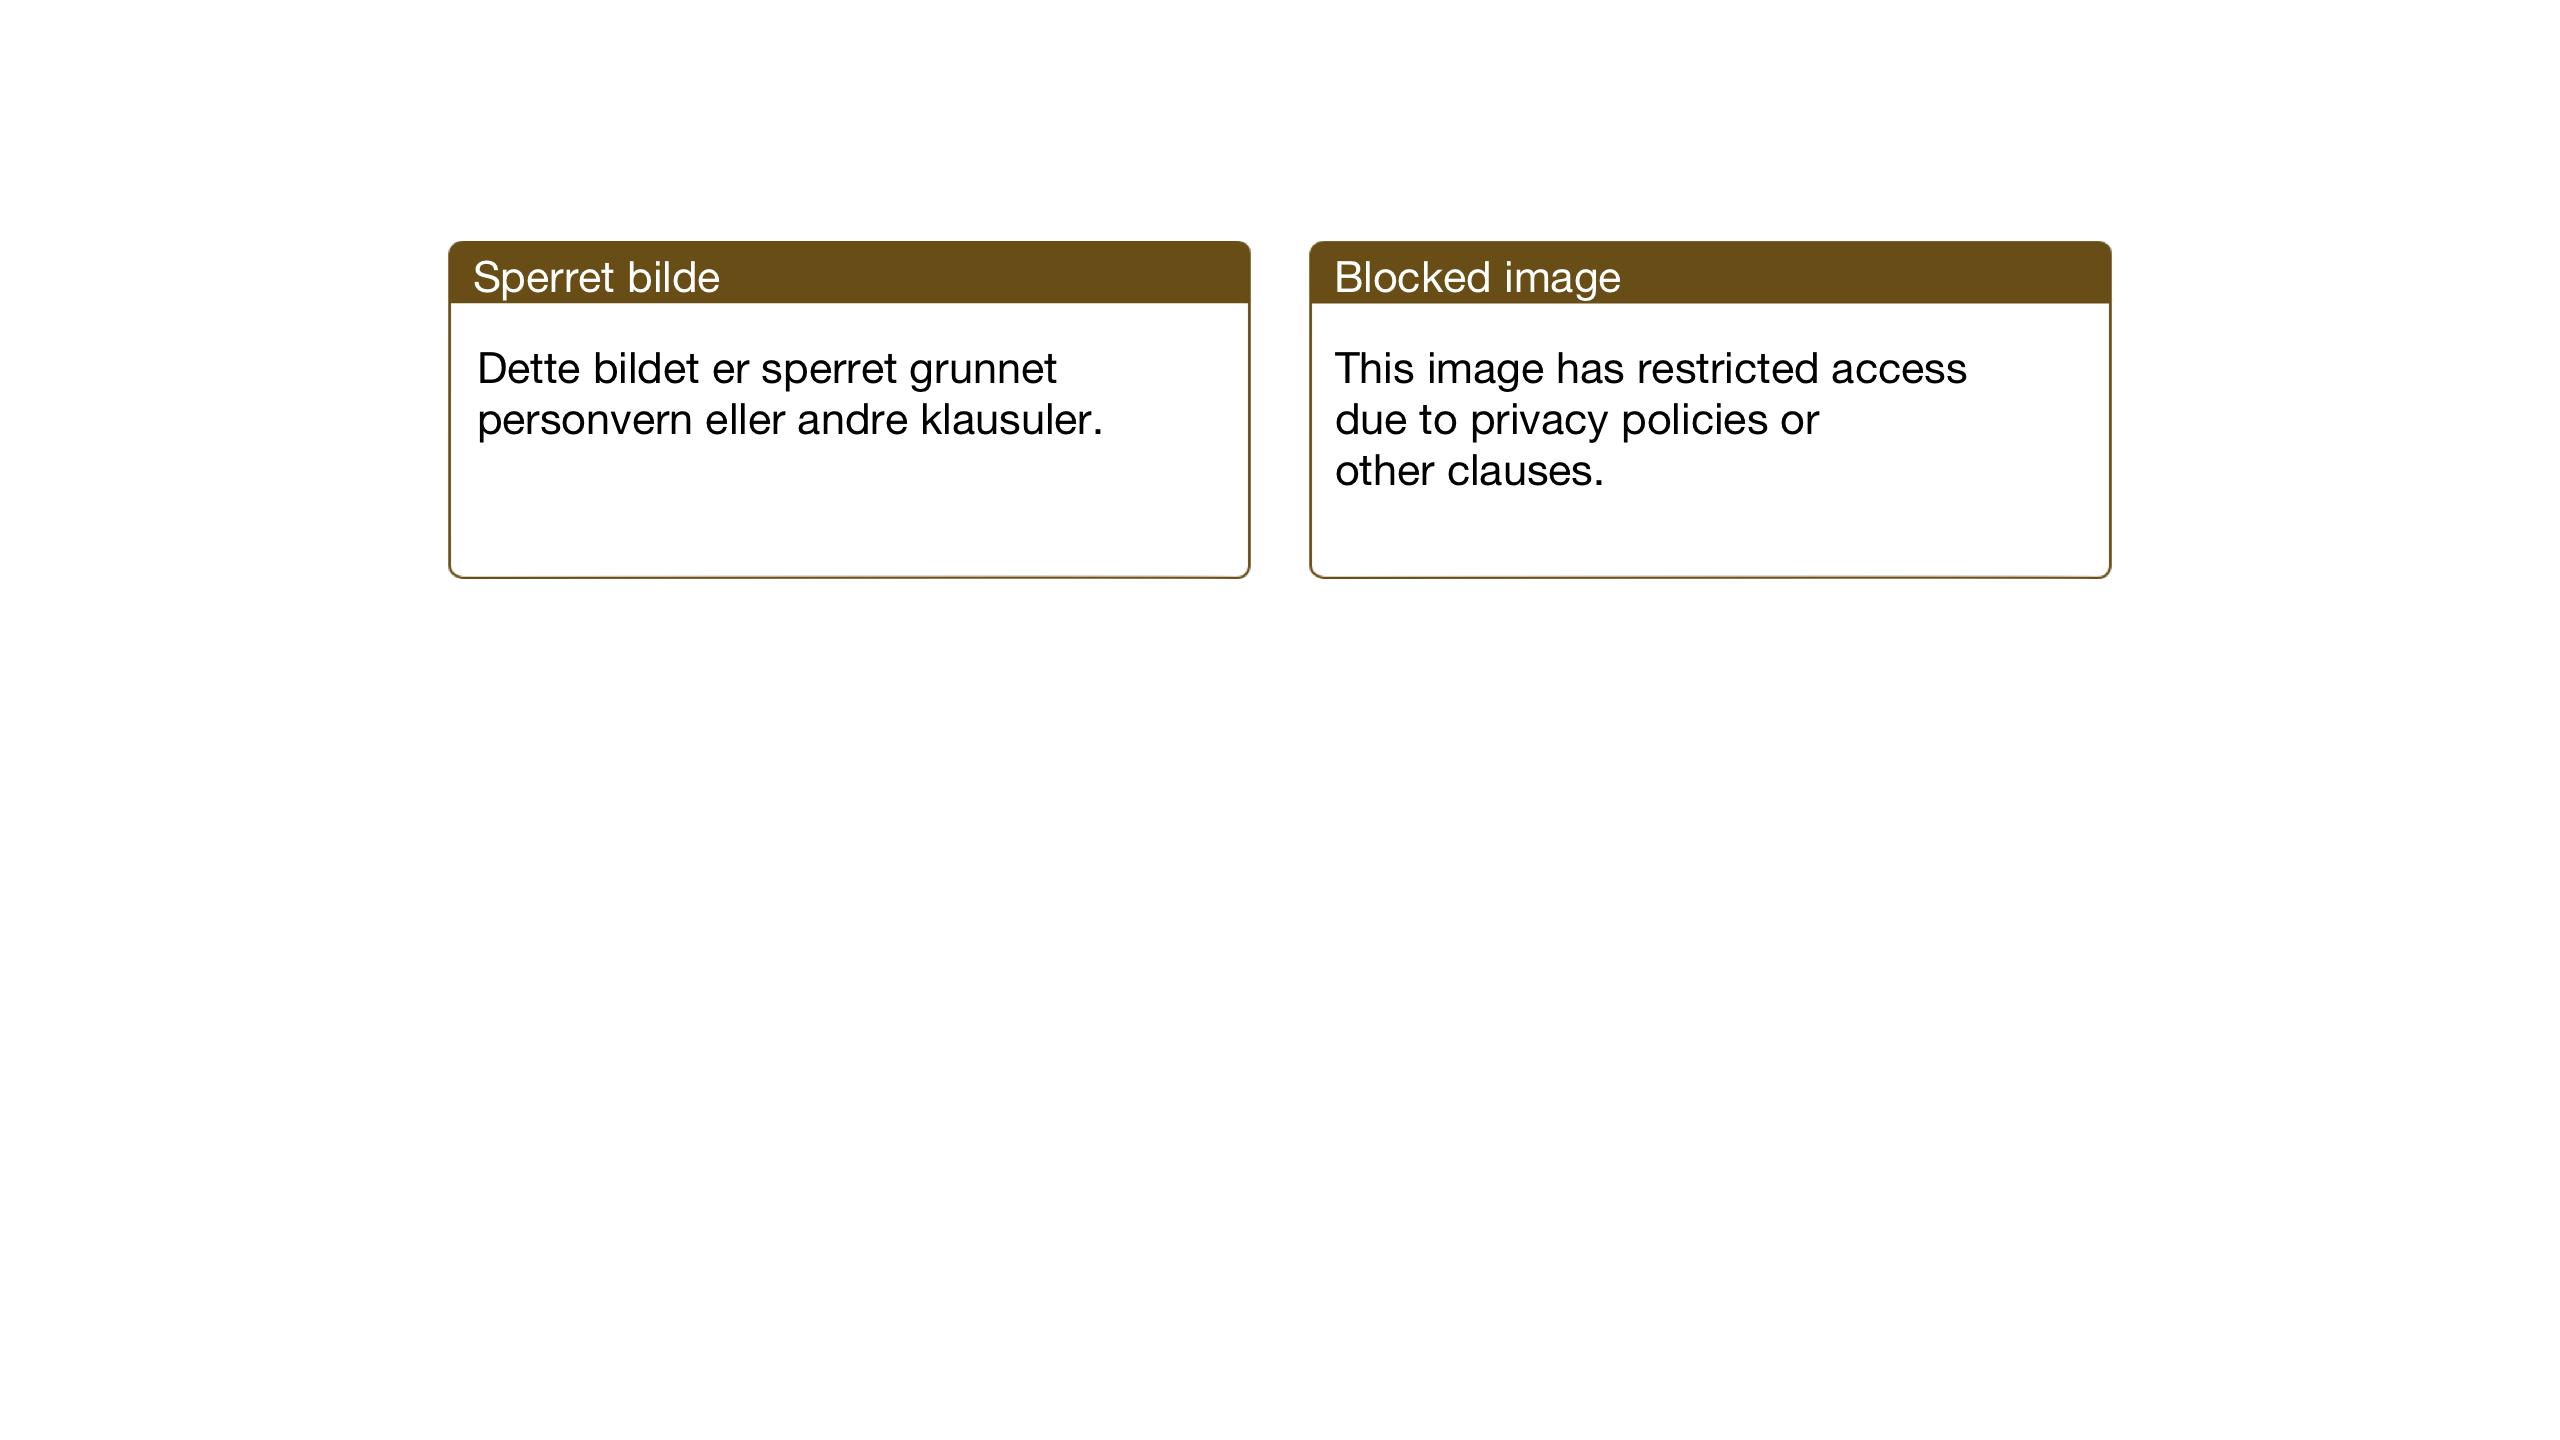 SAT, Ministerialprotokoller, klokkerbøker og fødselsregistre - Nord-Trøndelag, 732/L0319: Klokkerbok nr. 732C03, 1911-1945, s. 43